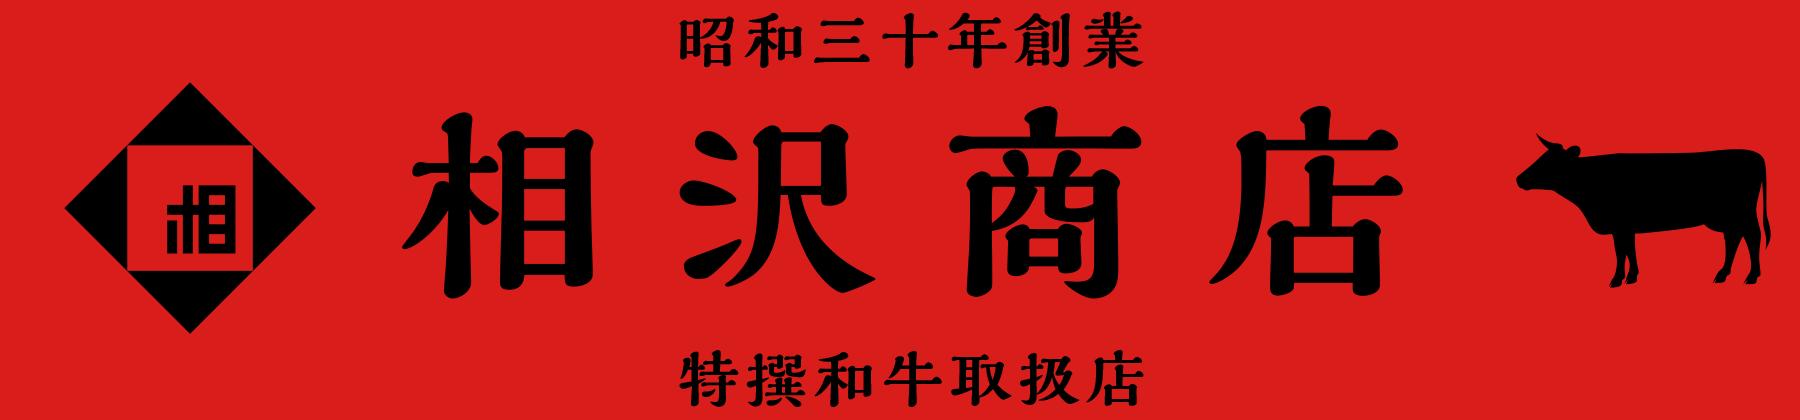 <h1>おやま和牛・とちぎ和牛の相沢商店</h1>